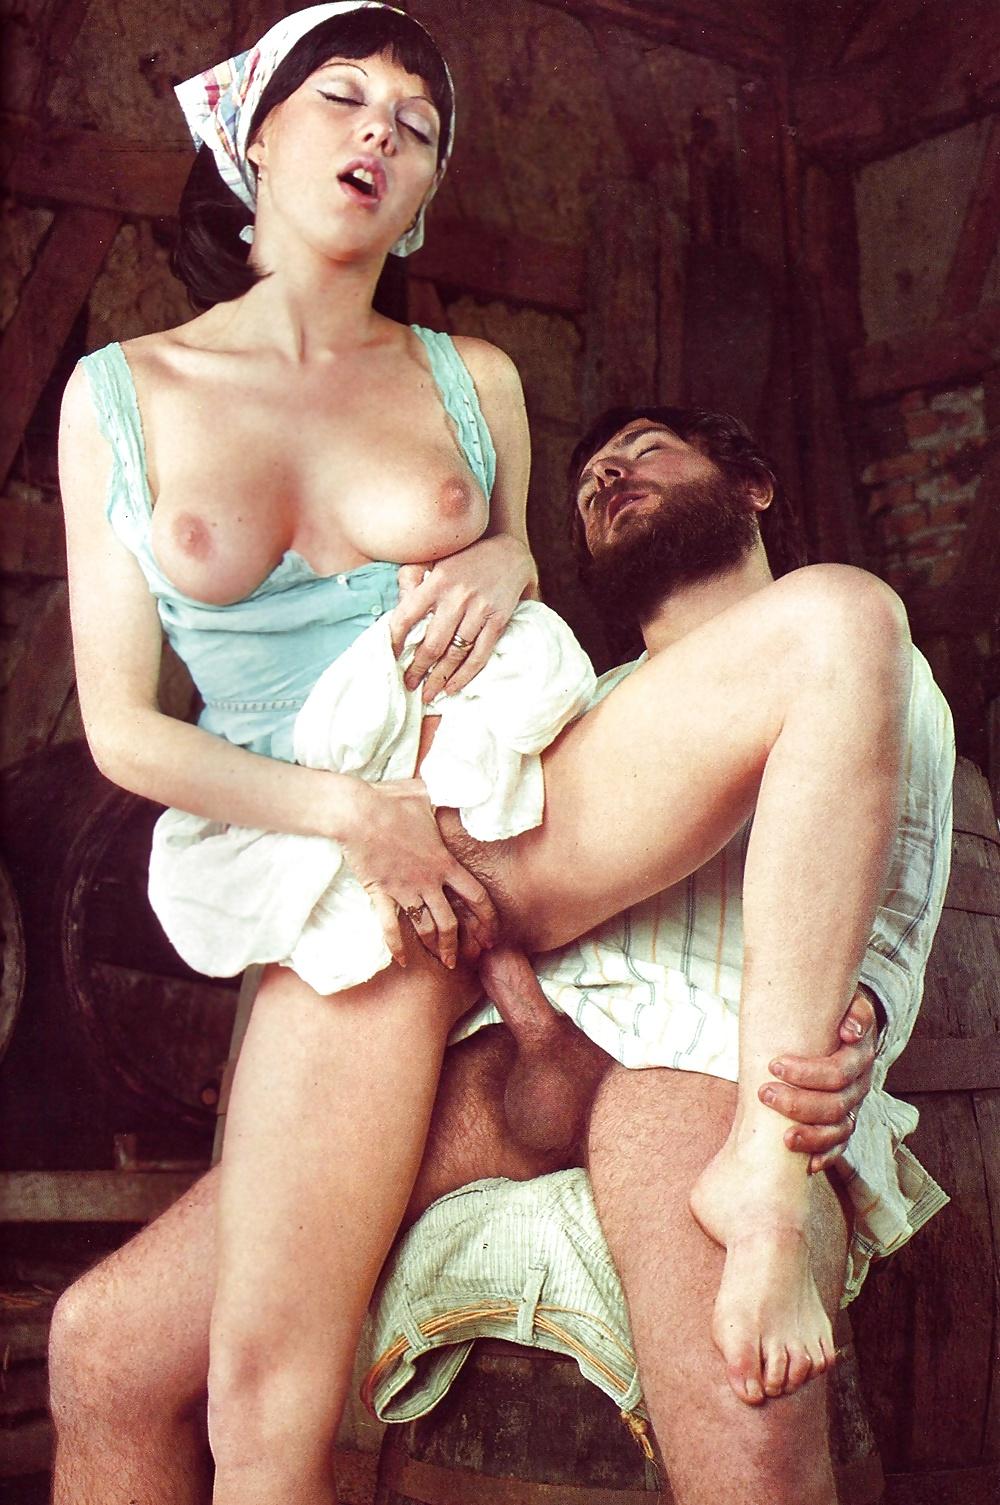 Фильм секс в старину порно — photo 14